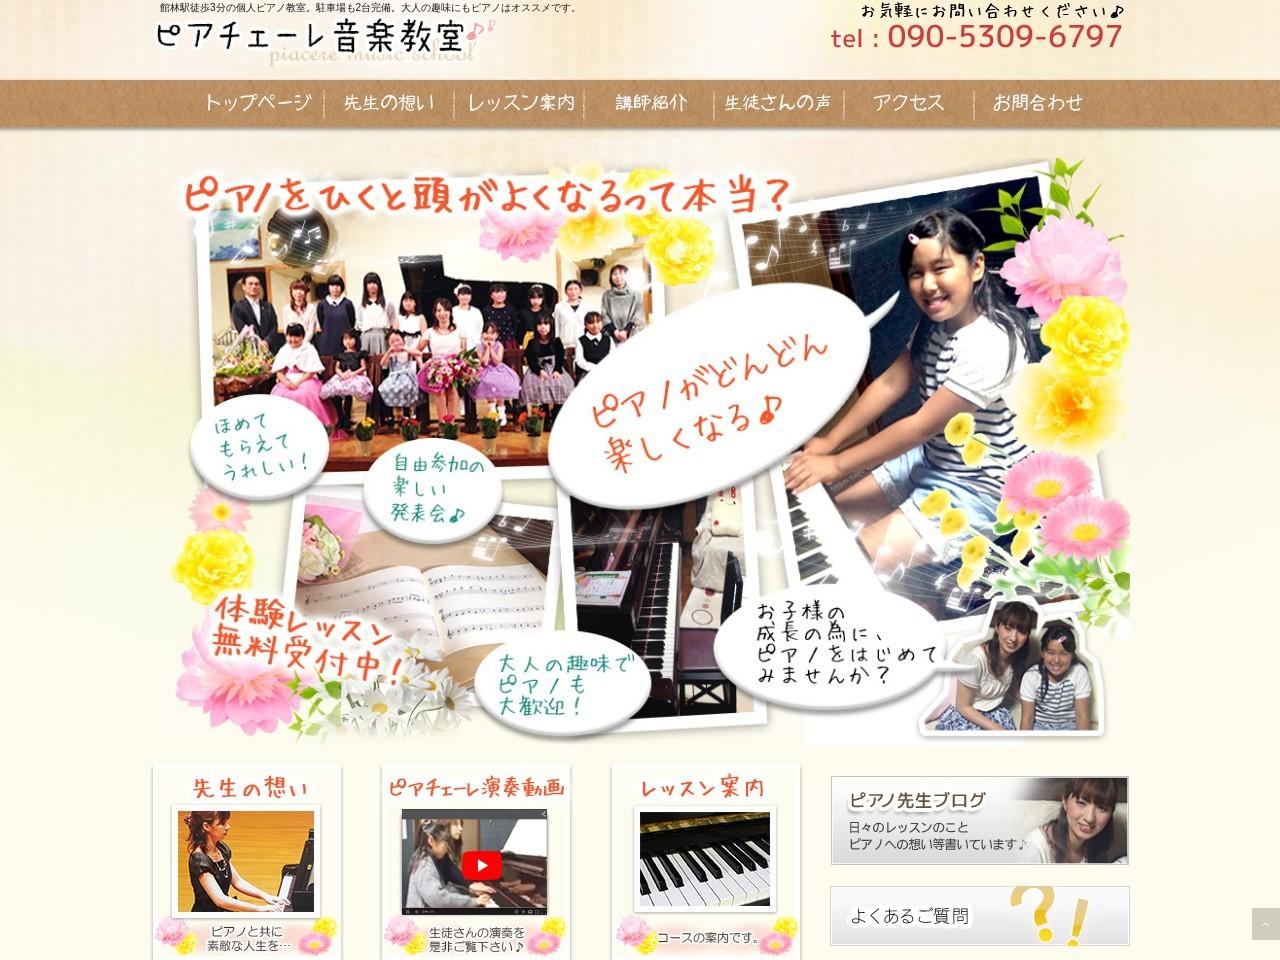 ピアチェーレ音楽教室のサムネイル